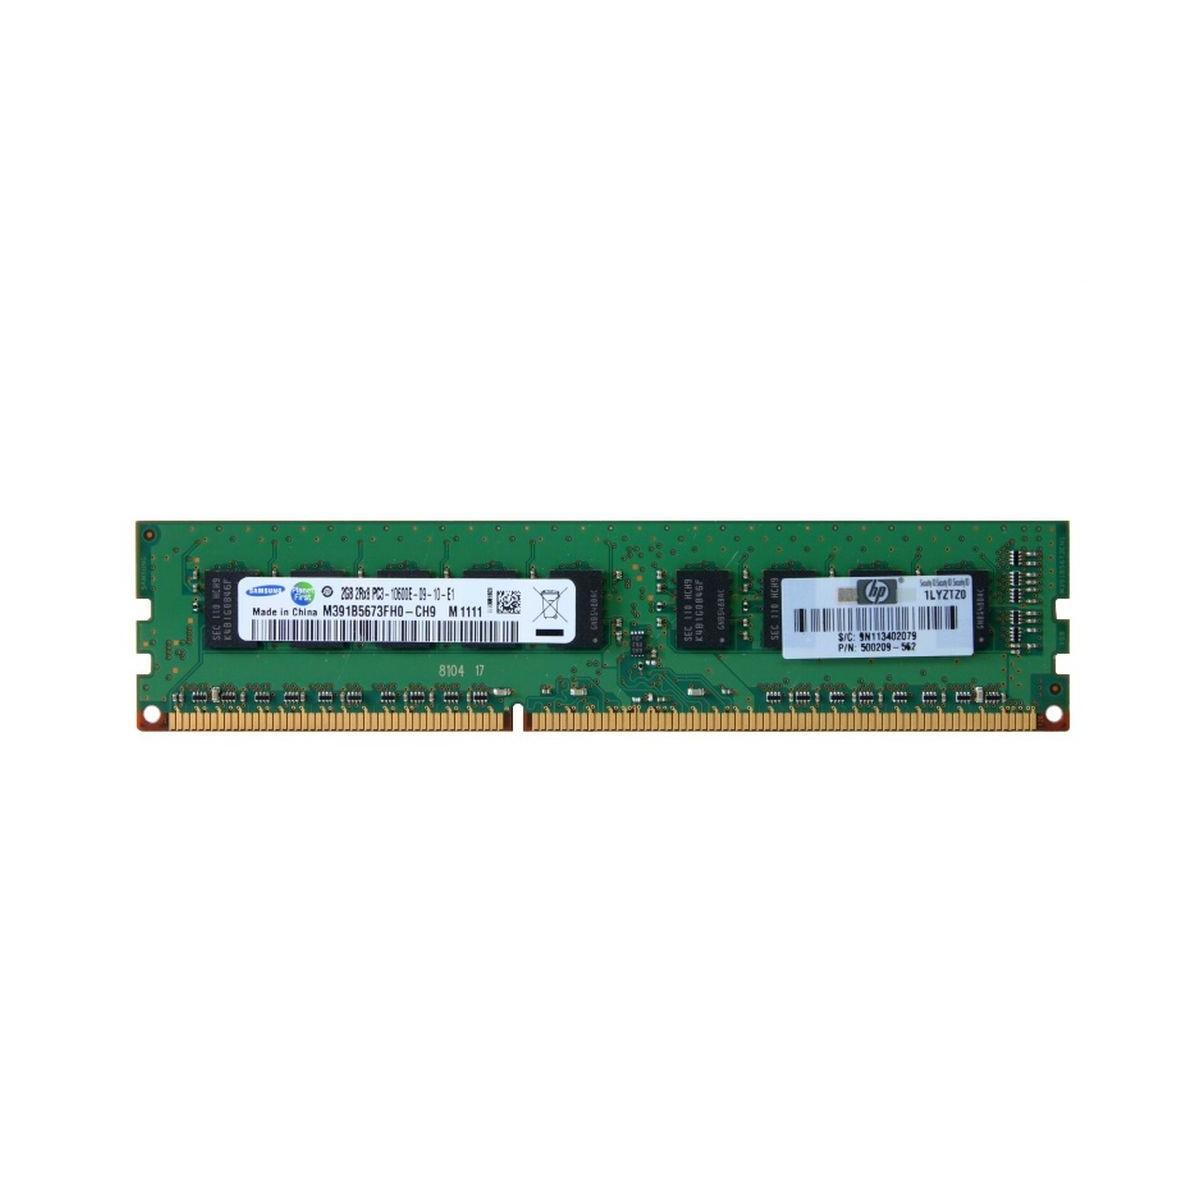 ATTO AH627A U320E SCSI 2-PORT HBA 445009-001